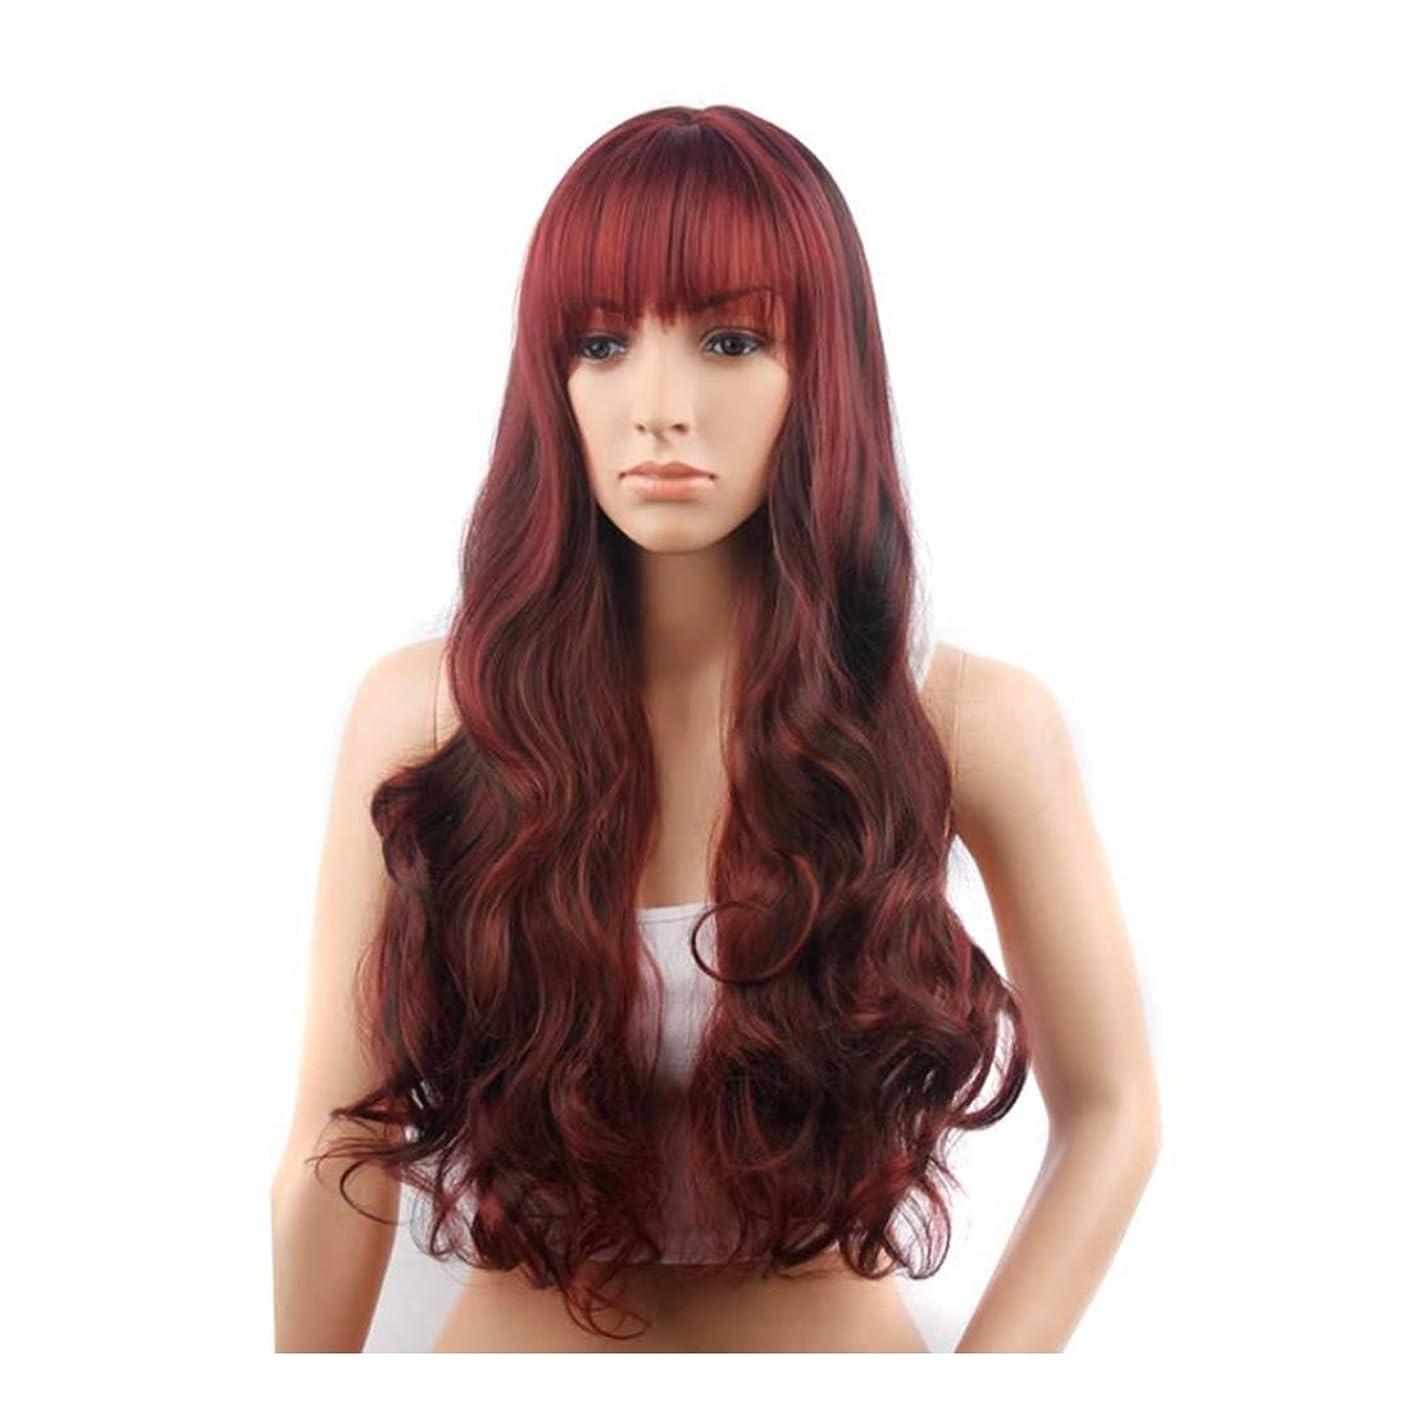 デマンド厄介な待ってKoloeplf 女性のための長いカーリーウィッグとトウモロコシフラットバンズとフェイスウィッグを変更25inchの長さのための髪の耐熱ウィッグ(ワインレッド) (Color : Wine red)